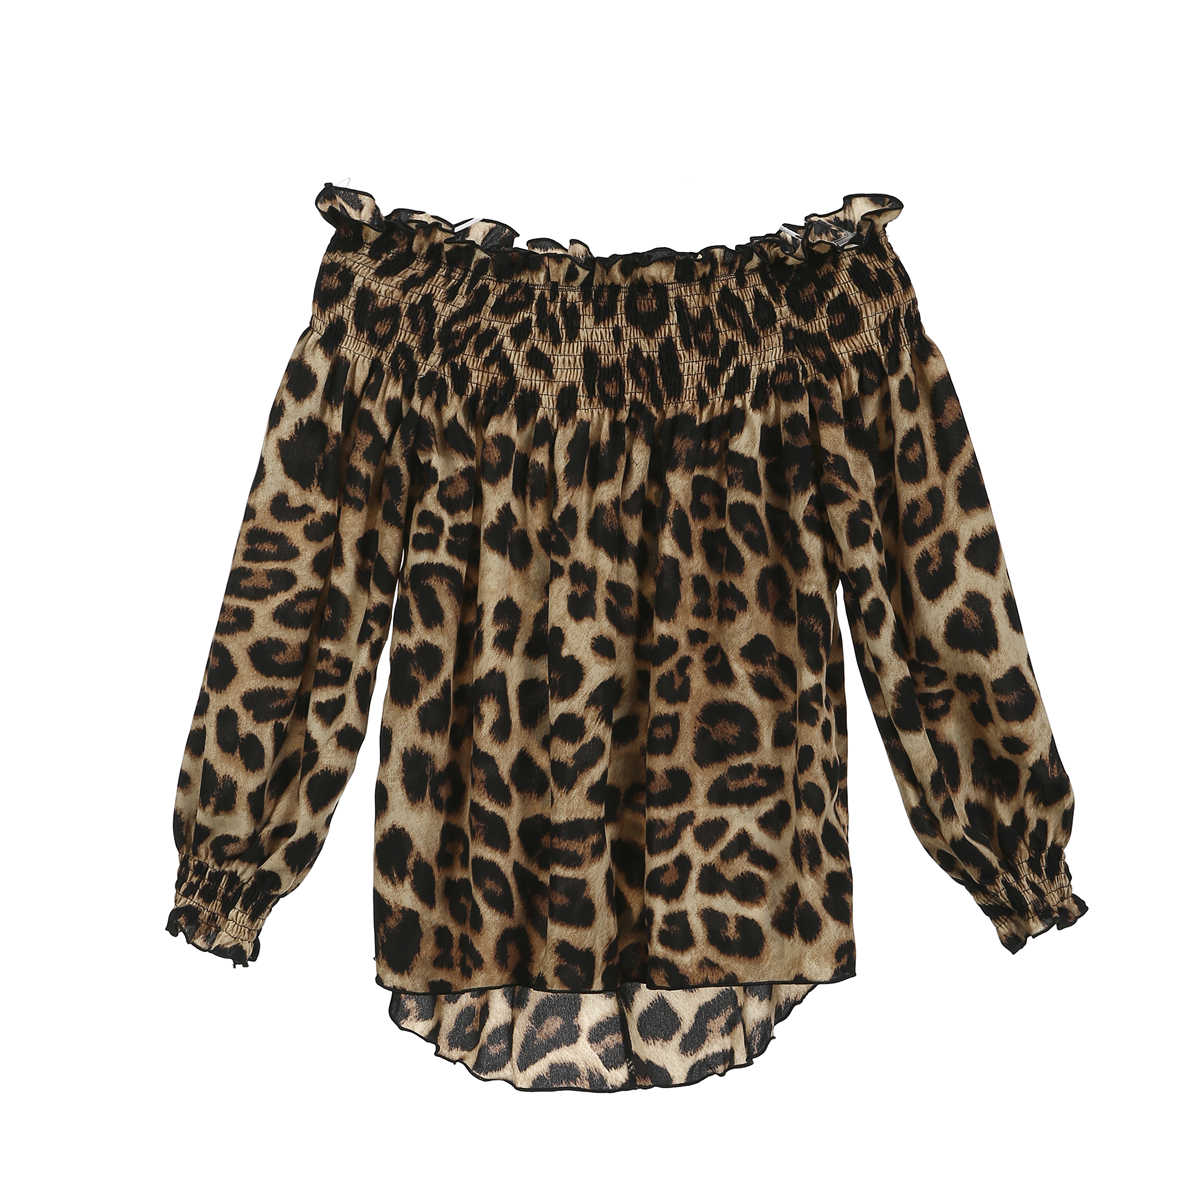 סתיו נשים גבירותיי כבויה סקסי דפוס מגניב נמר ארוך שרוול רופף חולצה מכתף חולצה קיץ צמרות חולצה